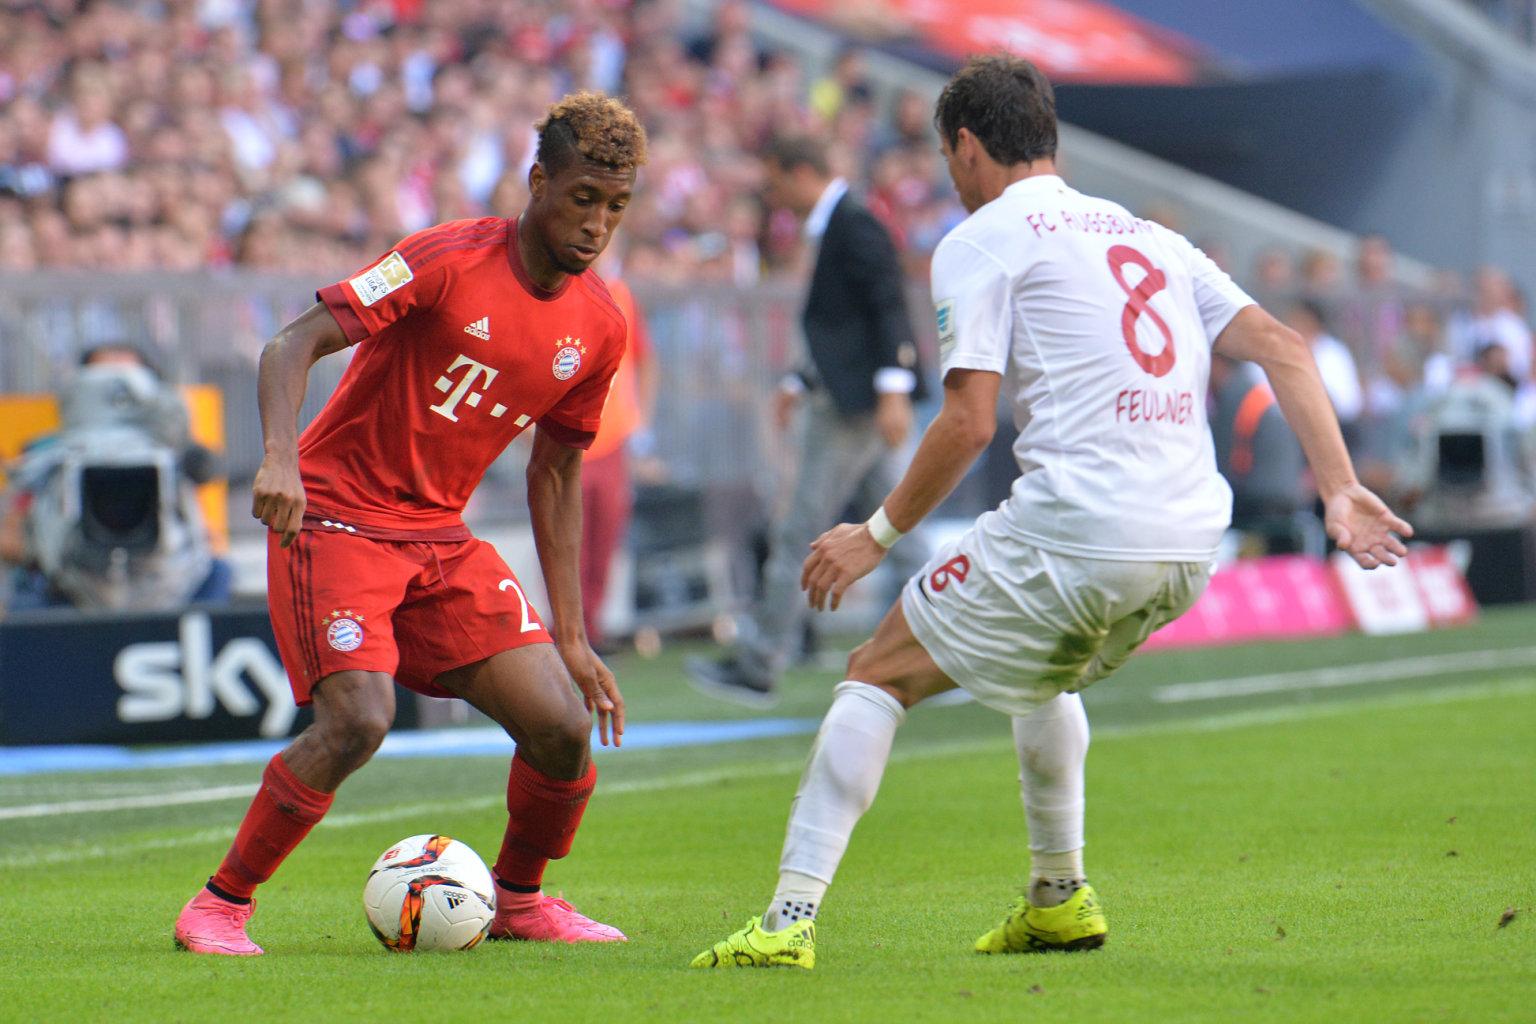 soi-keo-ca-cuoc-bong-da-ngay-9-2-Koln-vs-Bayern Munich-do-it-thang-do-nhieu-b9 2